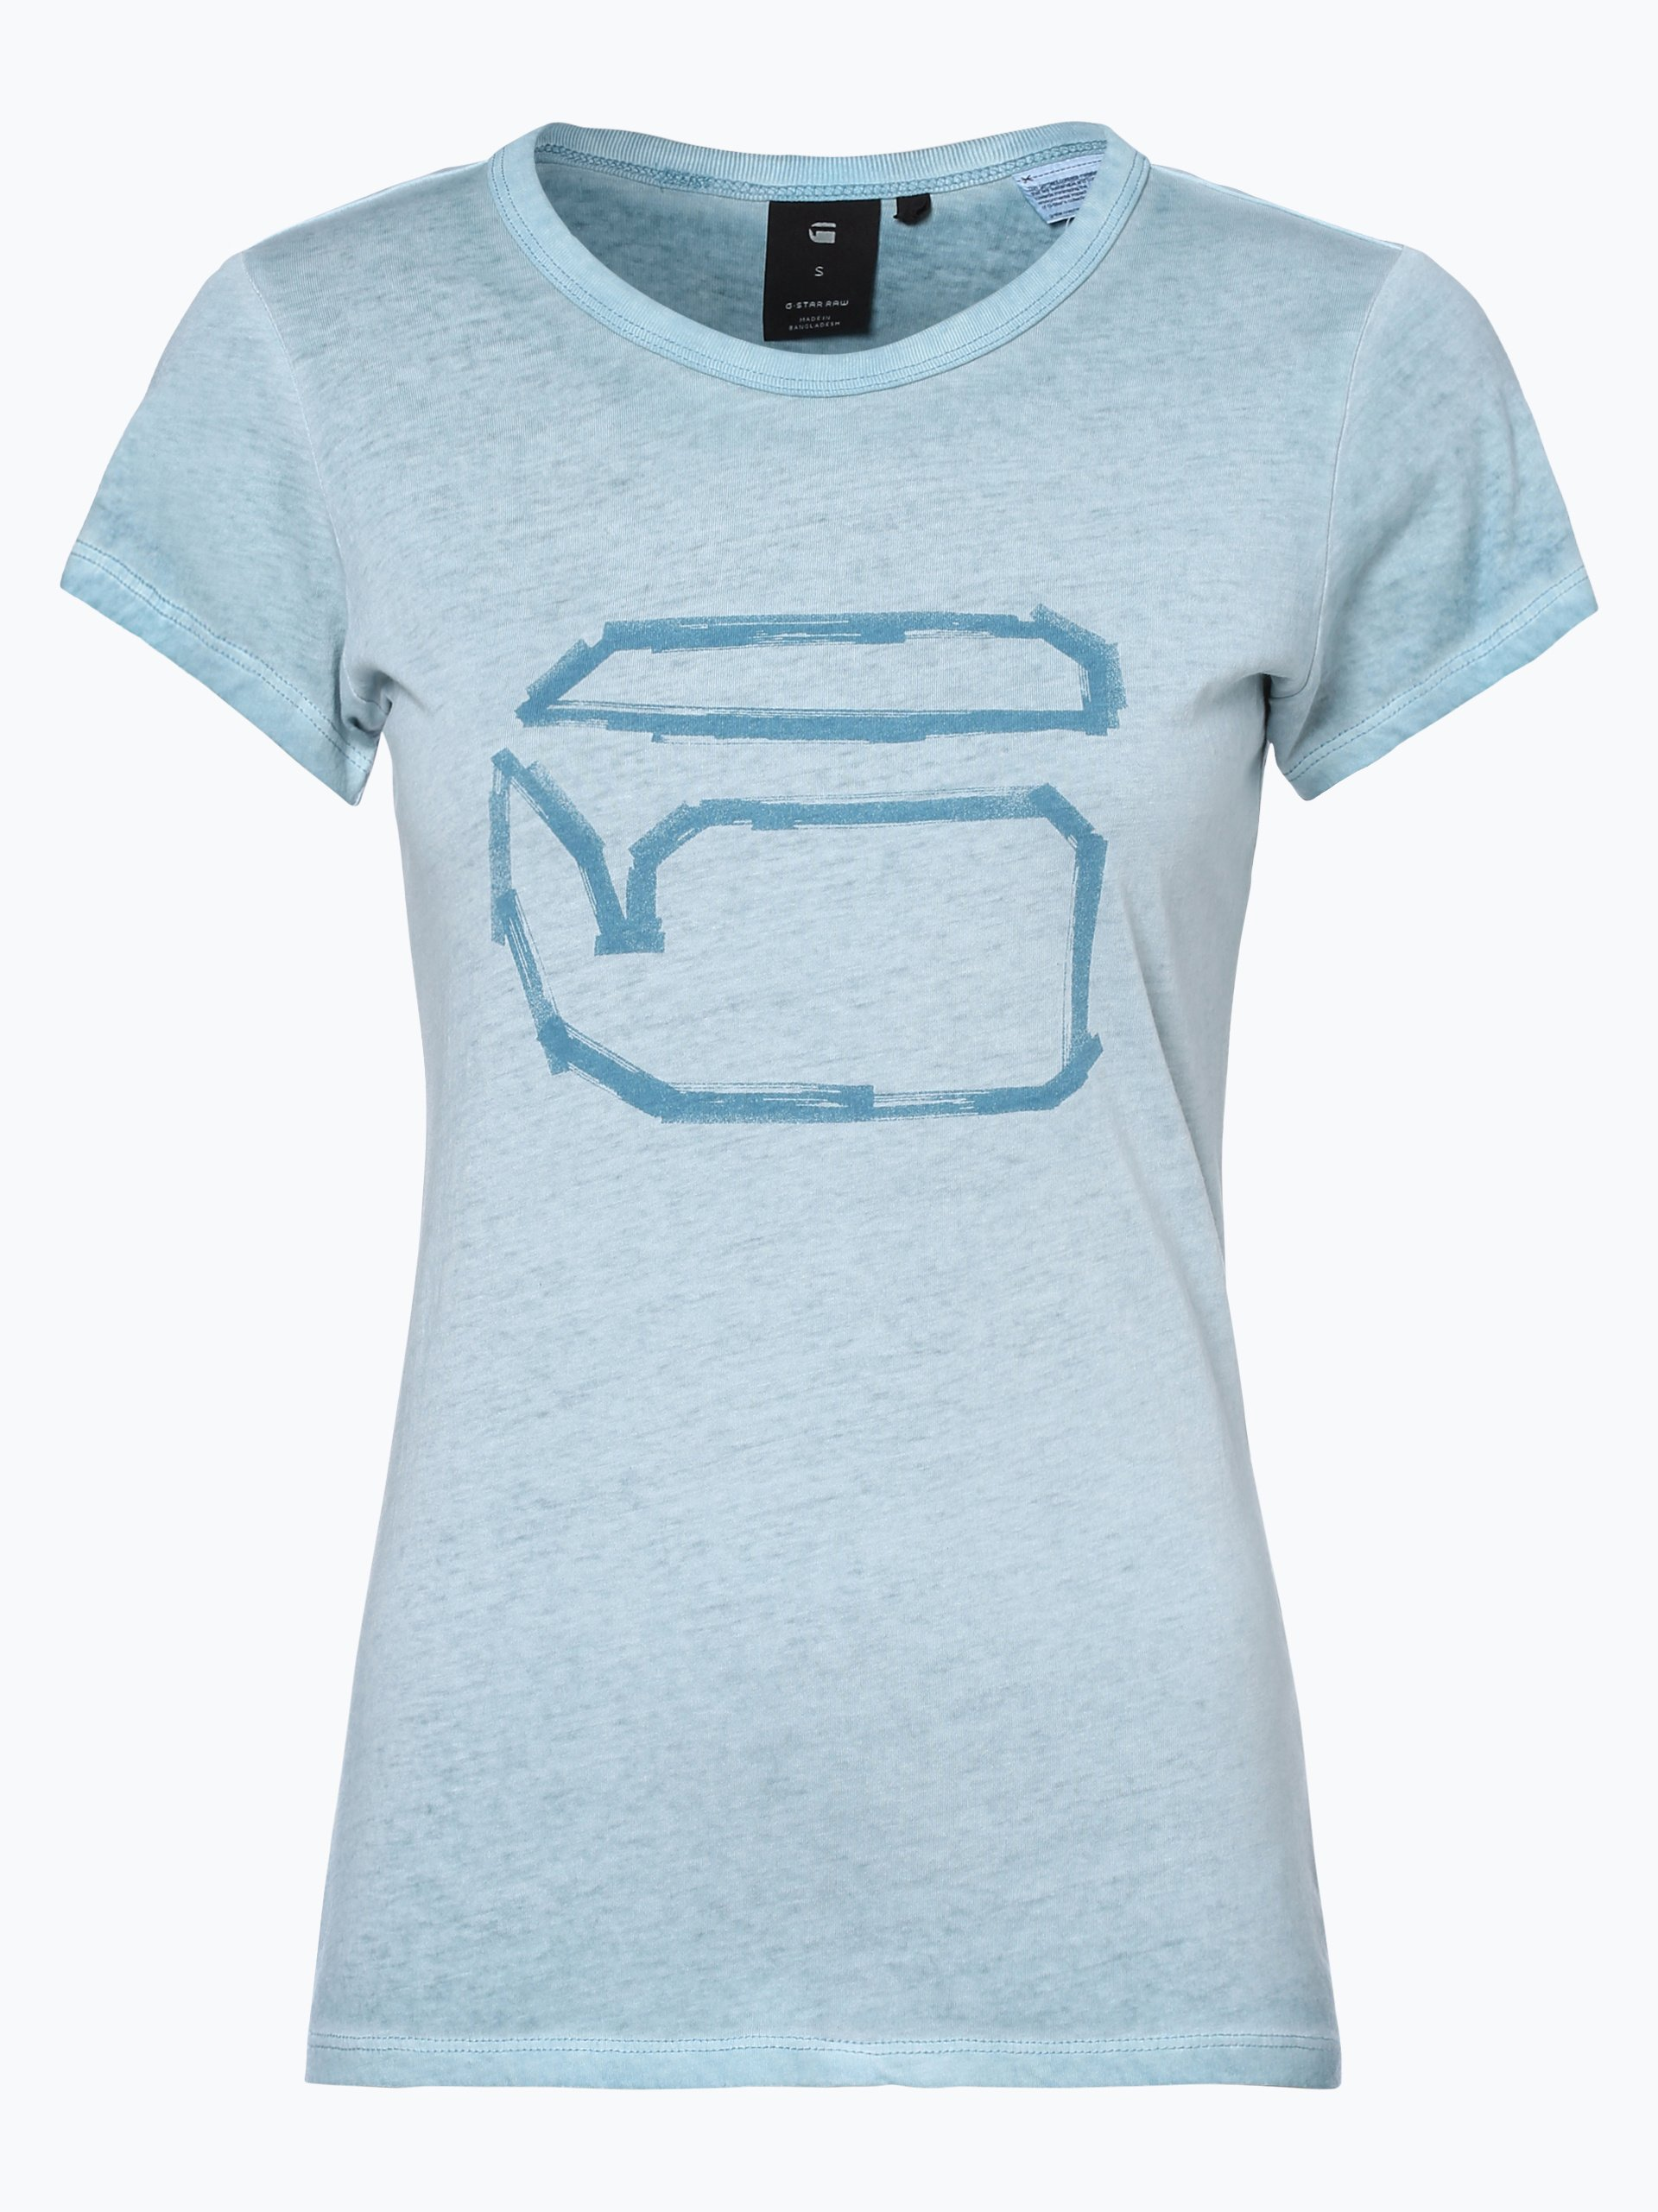 g star damen t shirt thilea online kaufen peek und. Black Bedroom Furniture Sets. Home Design Ideas